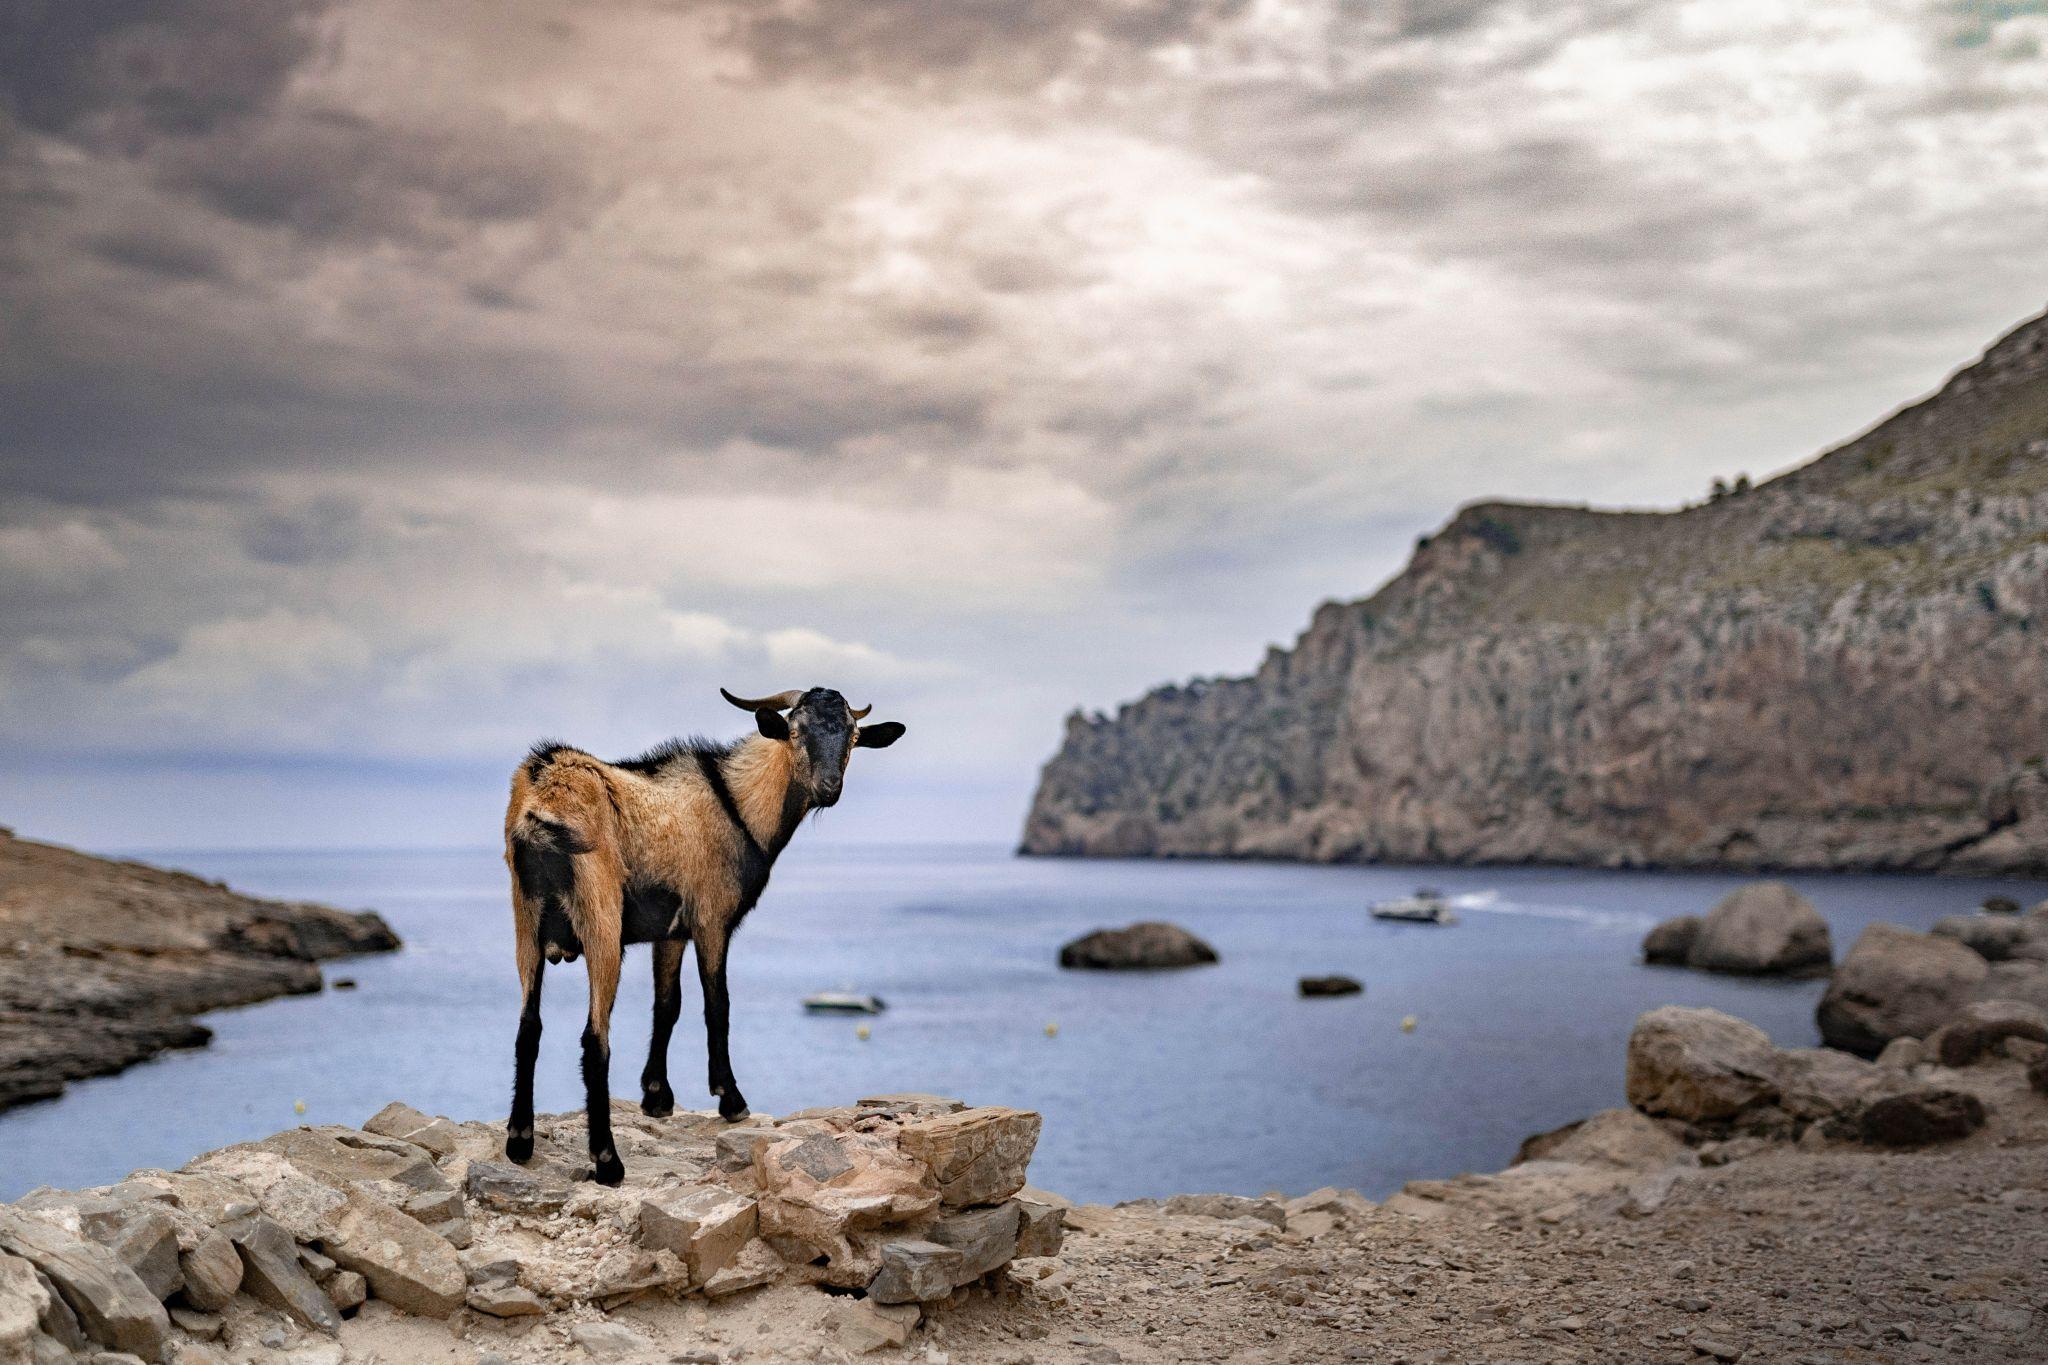 Goats at Cala Figuera (Cap de Formentor), Spain